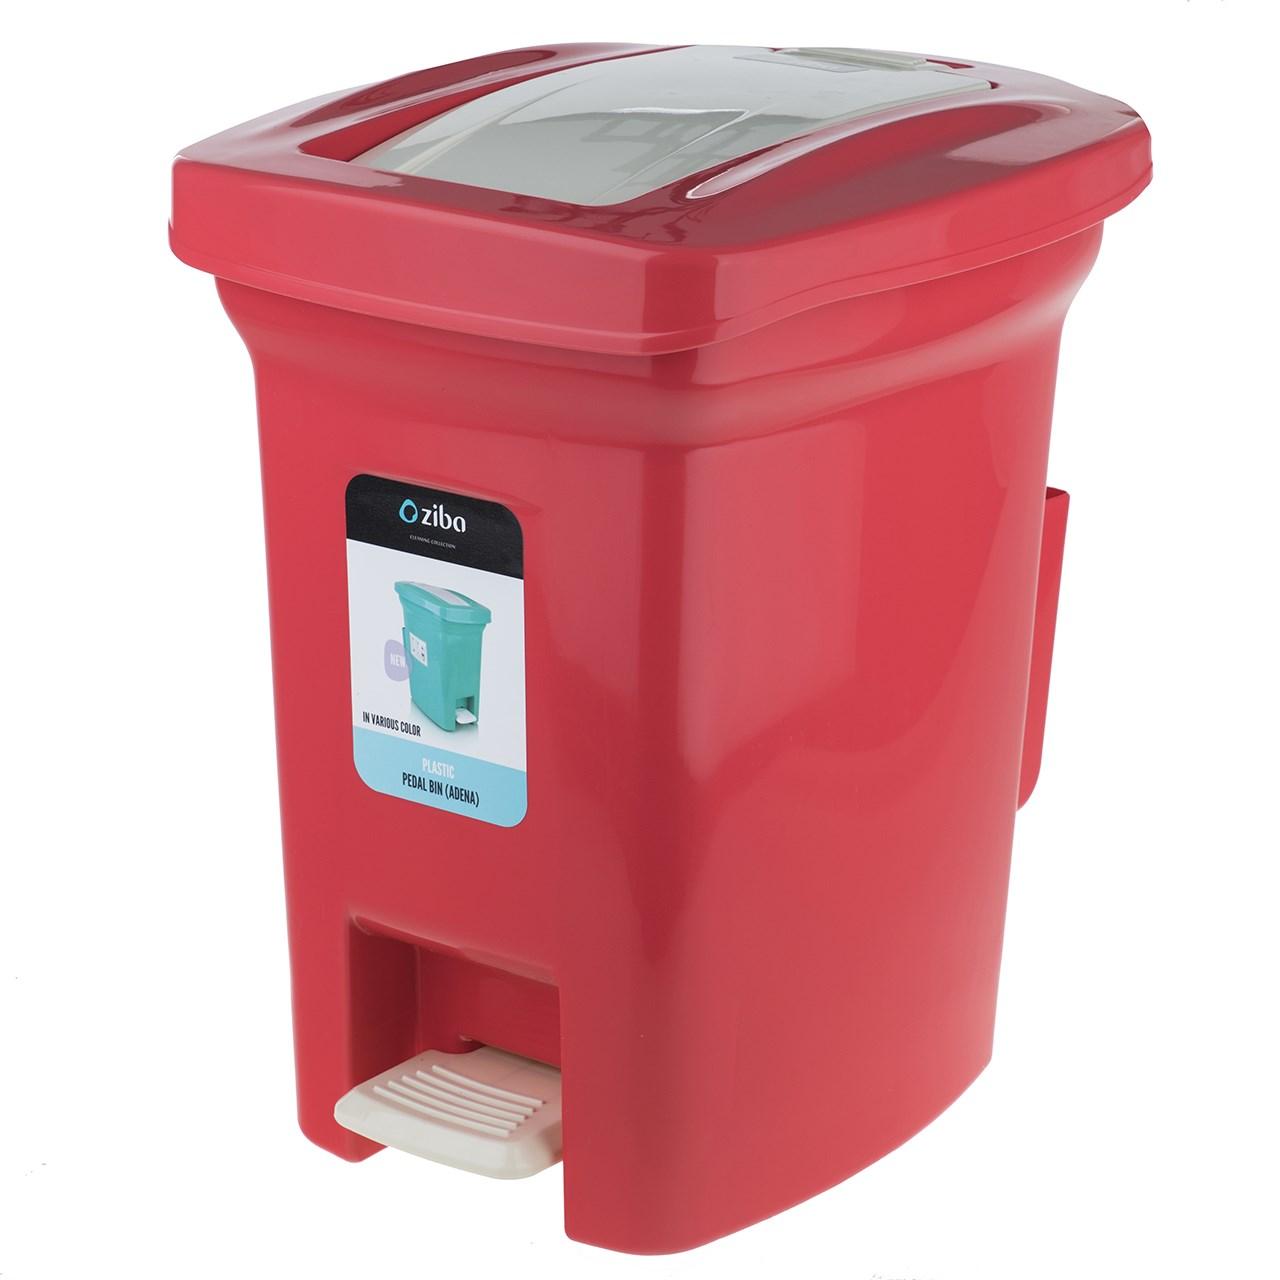 سطل زباله زیبا مدل 70004